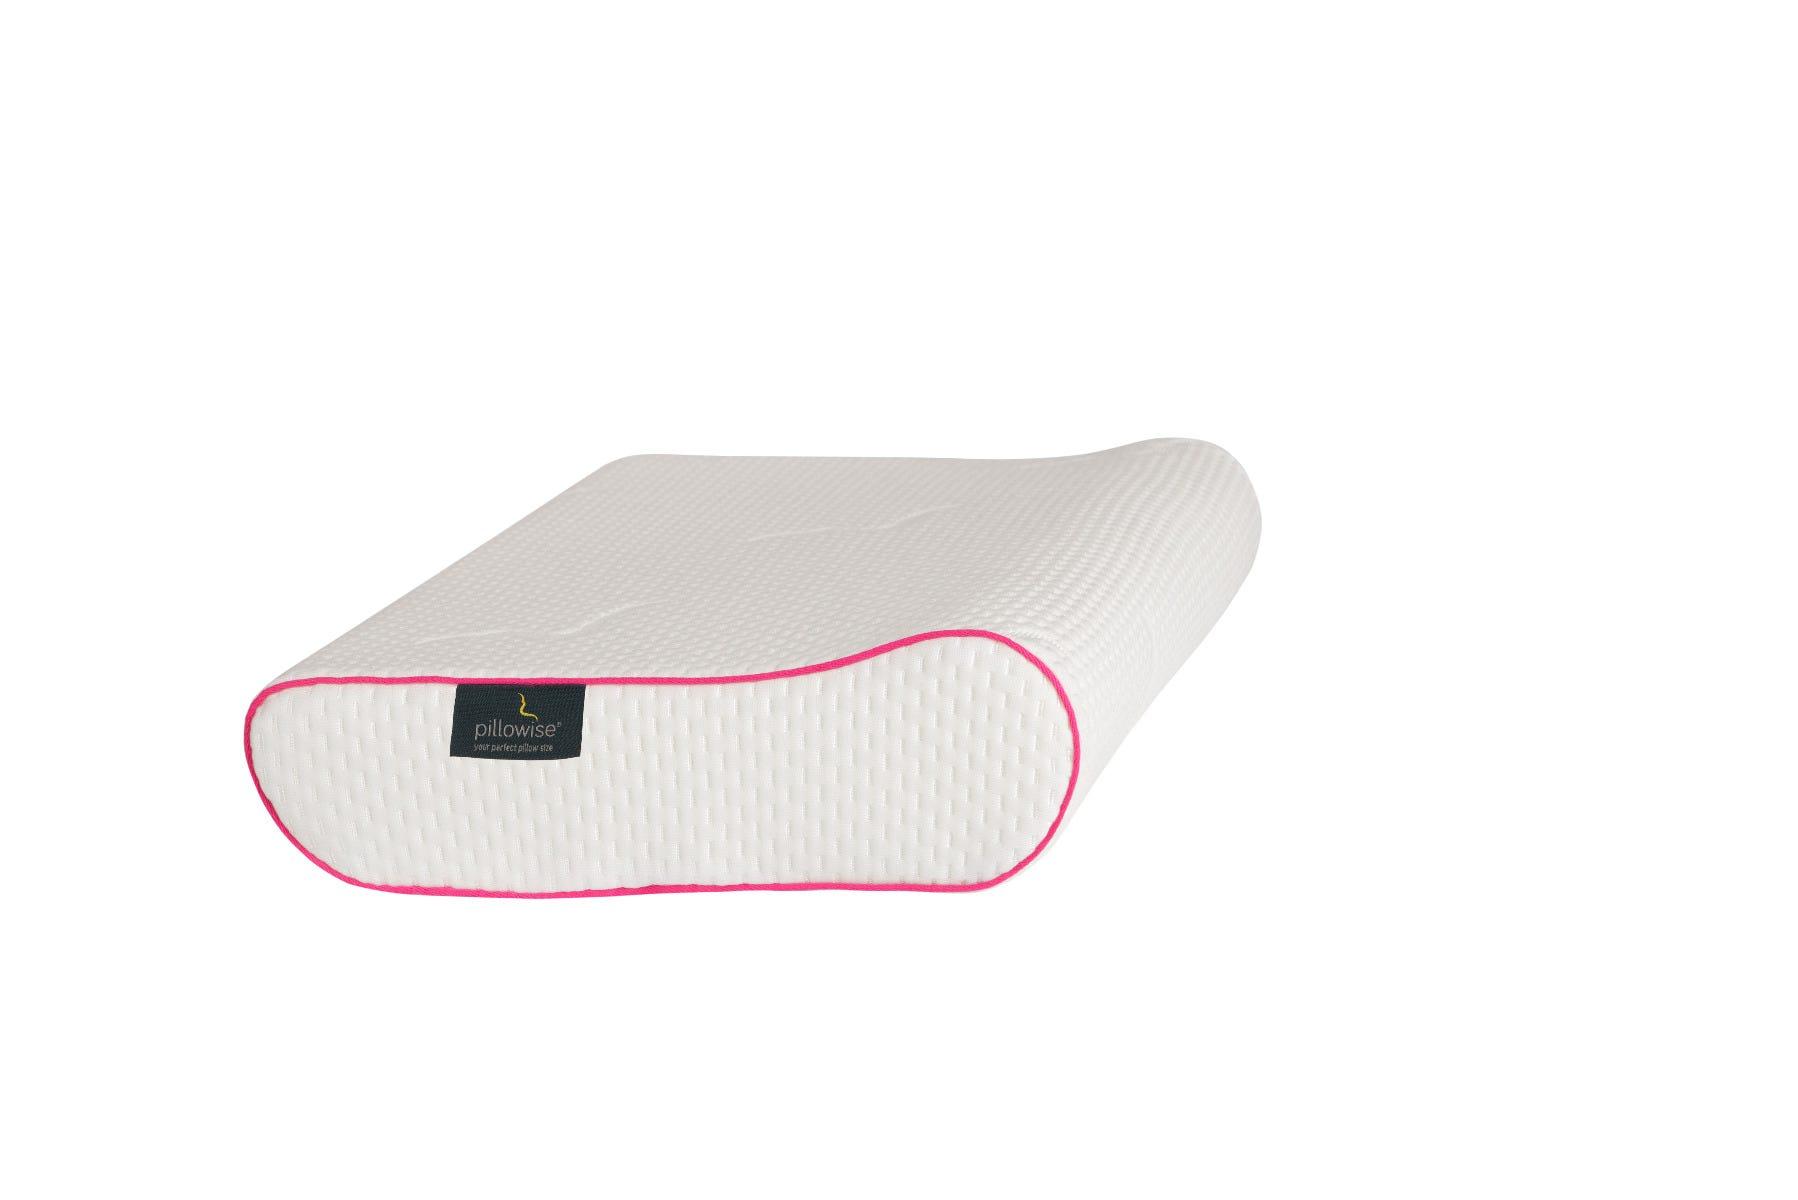 Pillowise® Almohada terapéutica en rosa